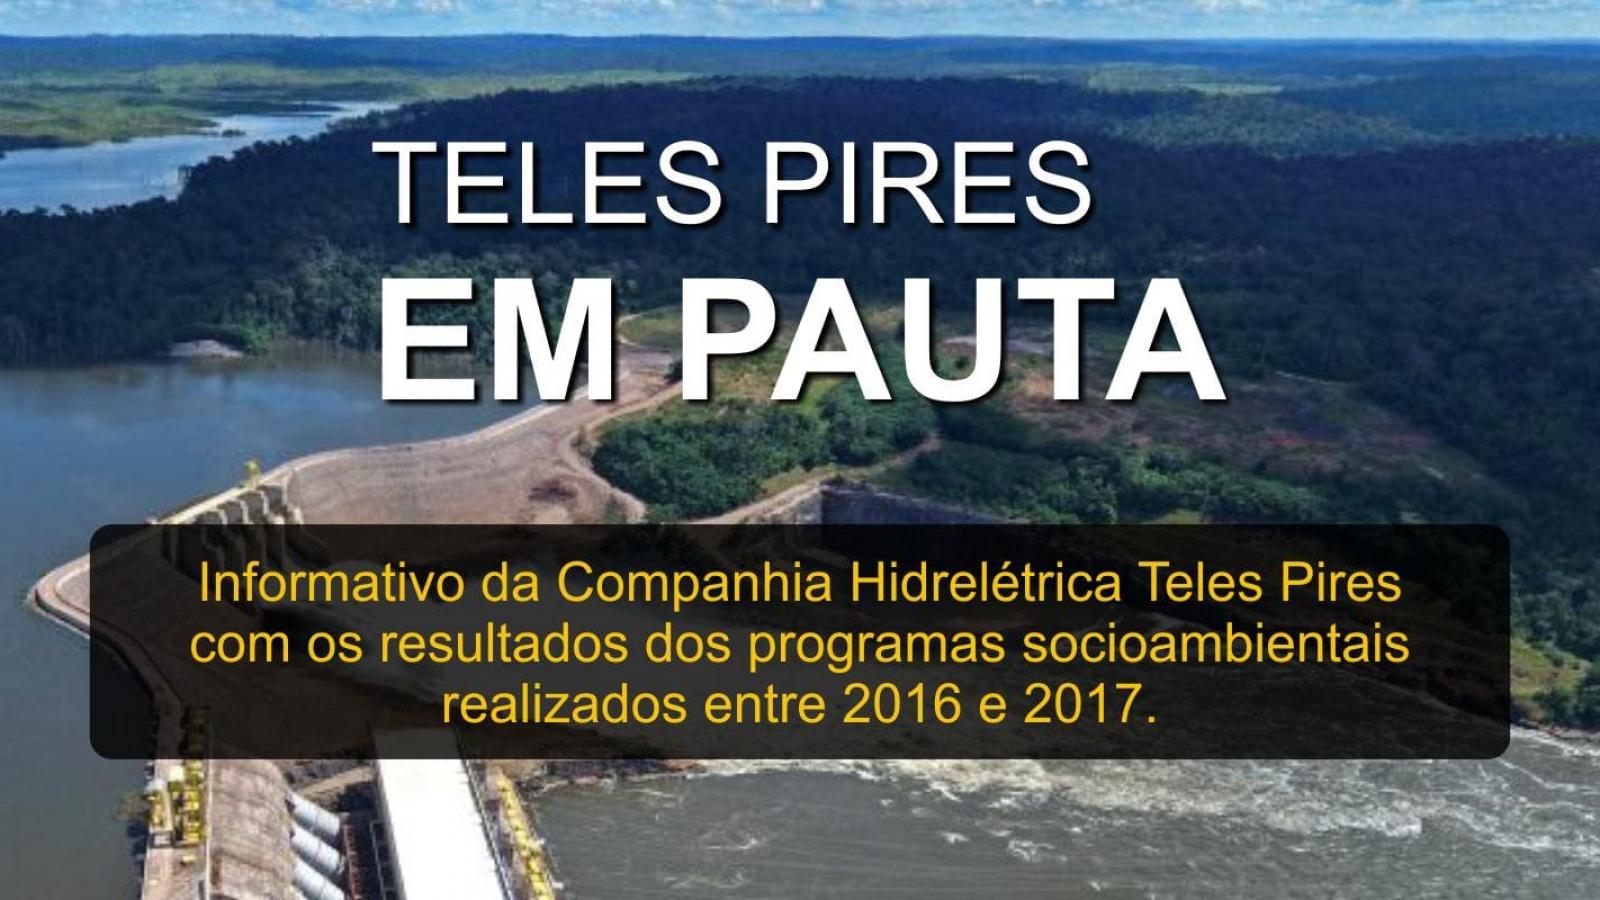 Revista de Divulgação dos Resultados 2016/2017